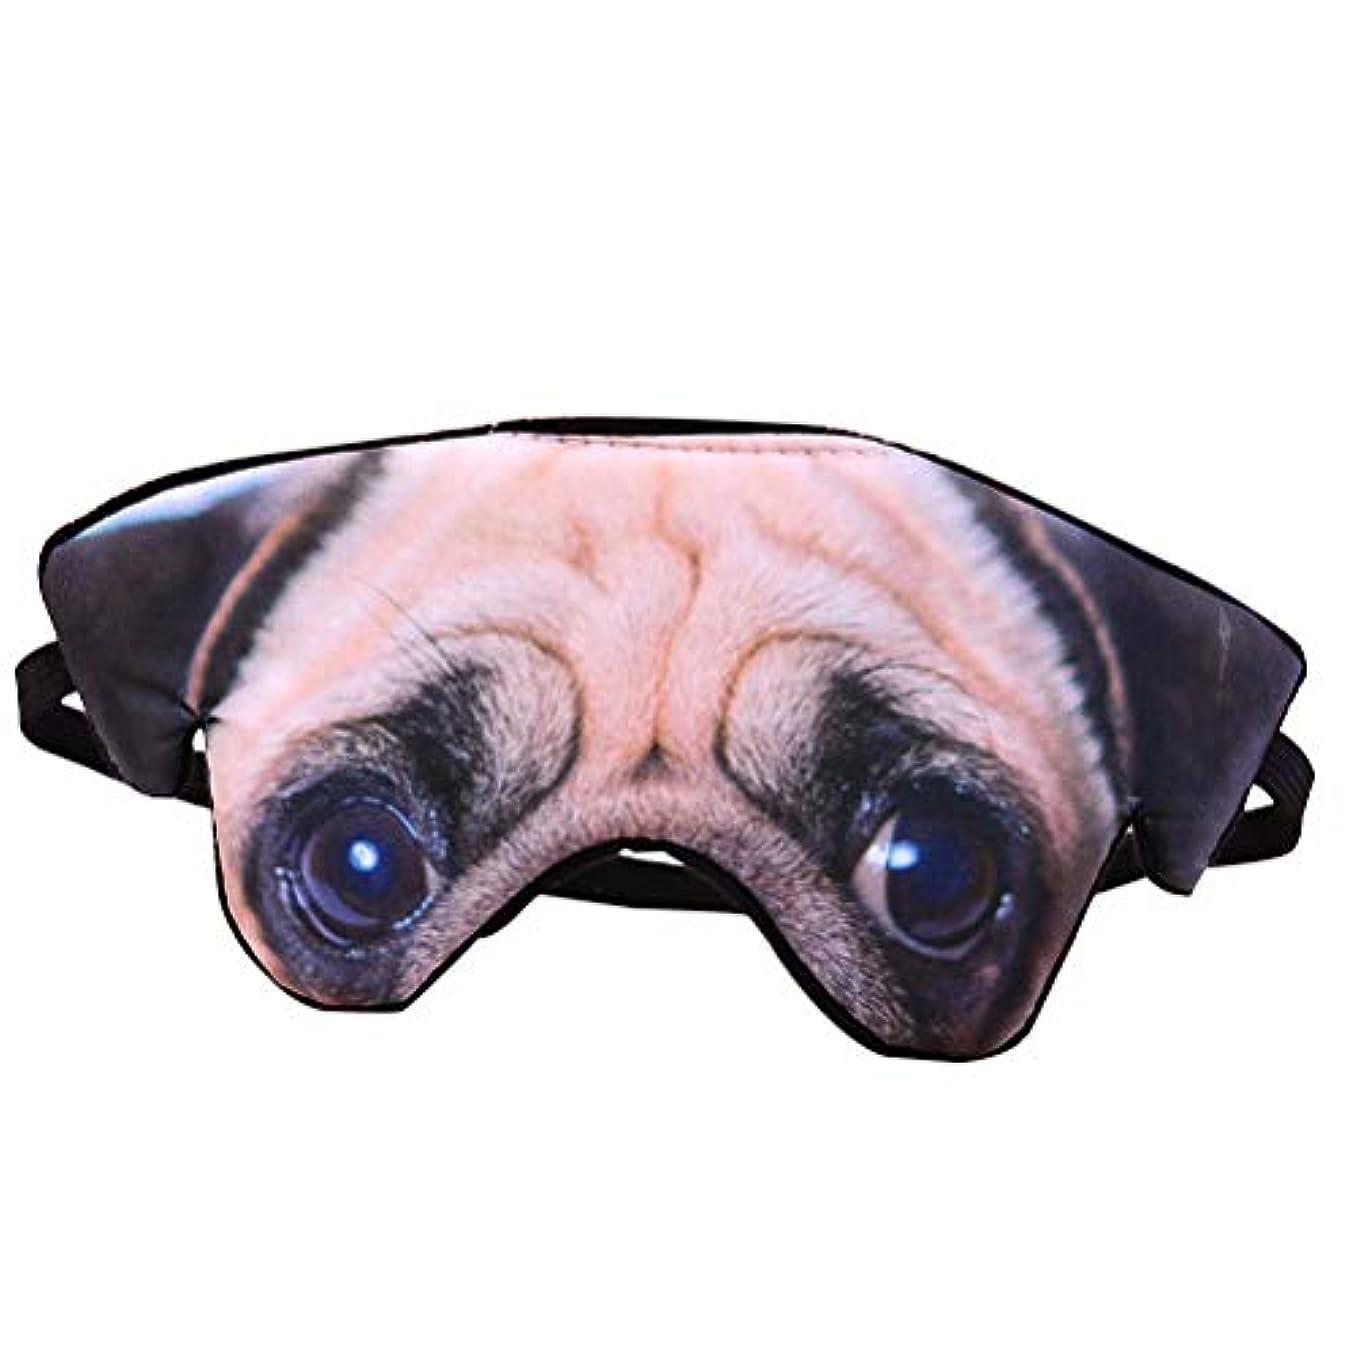 計算可能本質的ではない学者HEALIFTY 睡眠目隠し3D犬のパターンアイマスクファニーシェードナップカバー目隠し睡眠マスク目の眠りゴーグル(Pug)